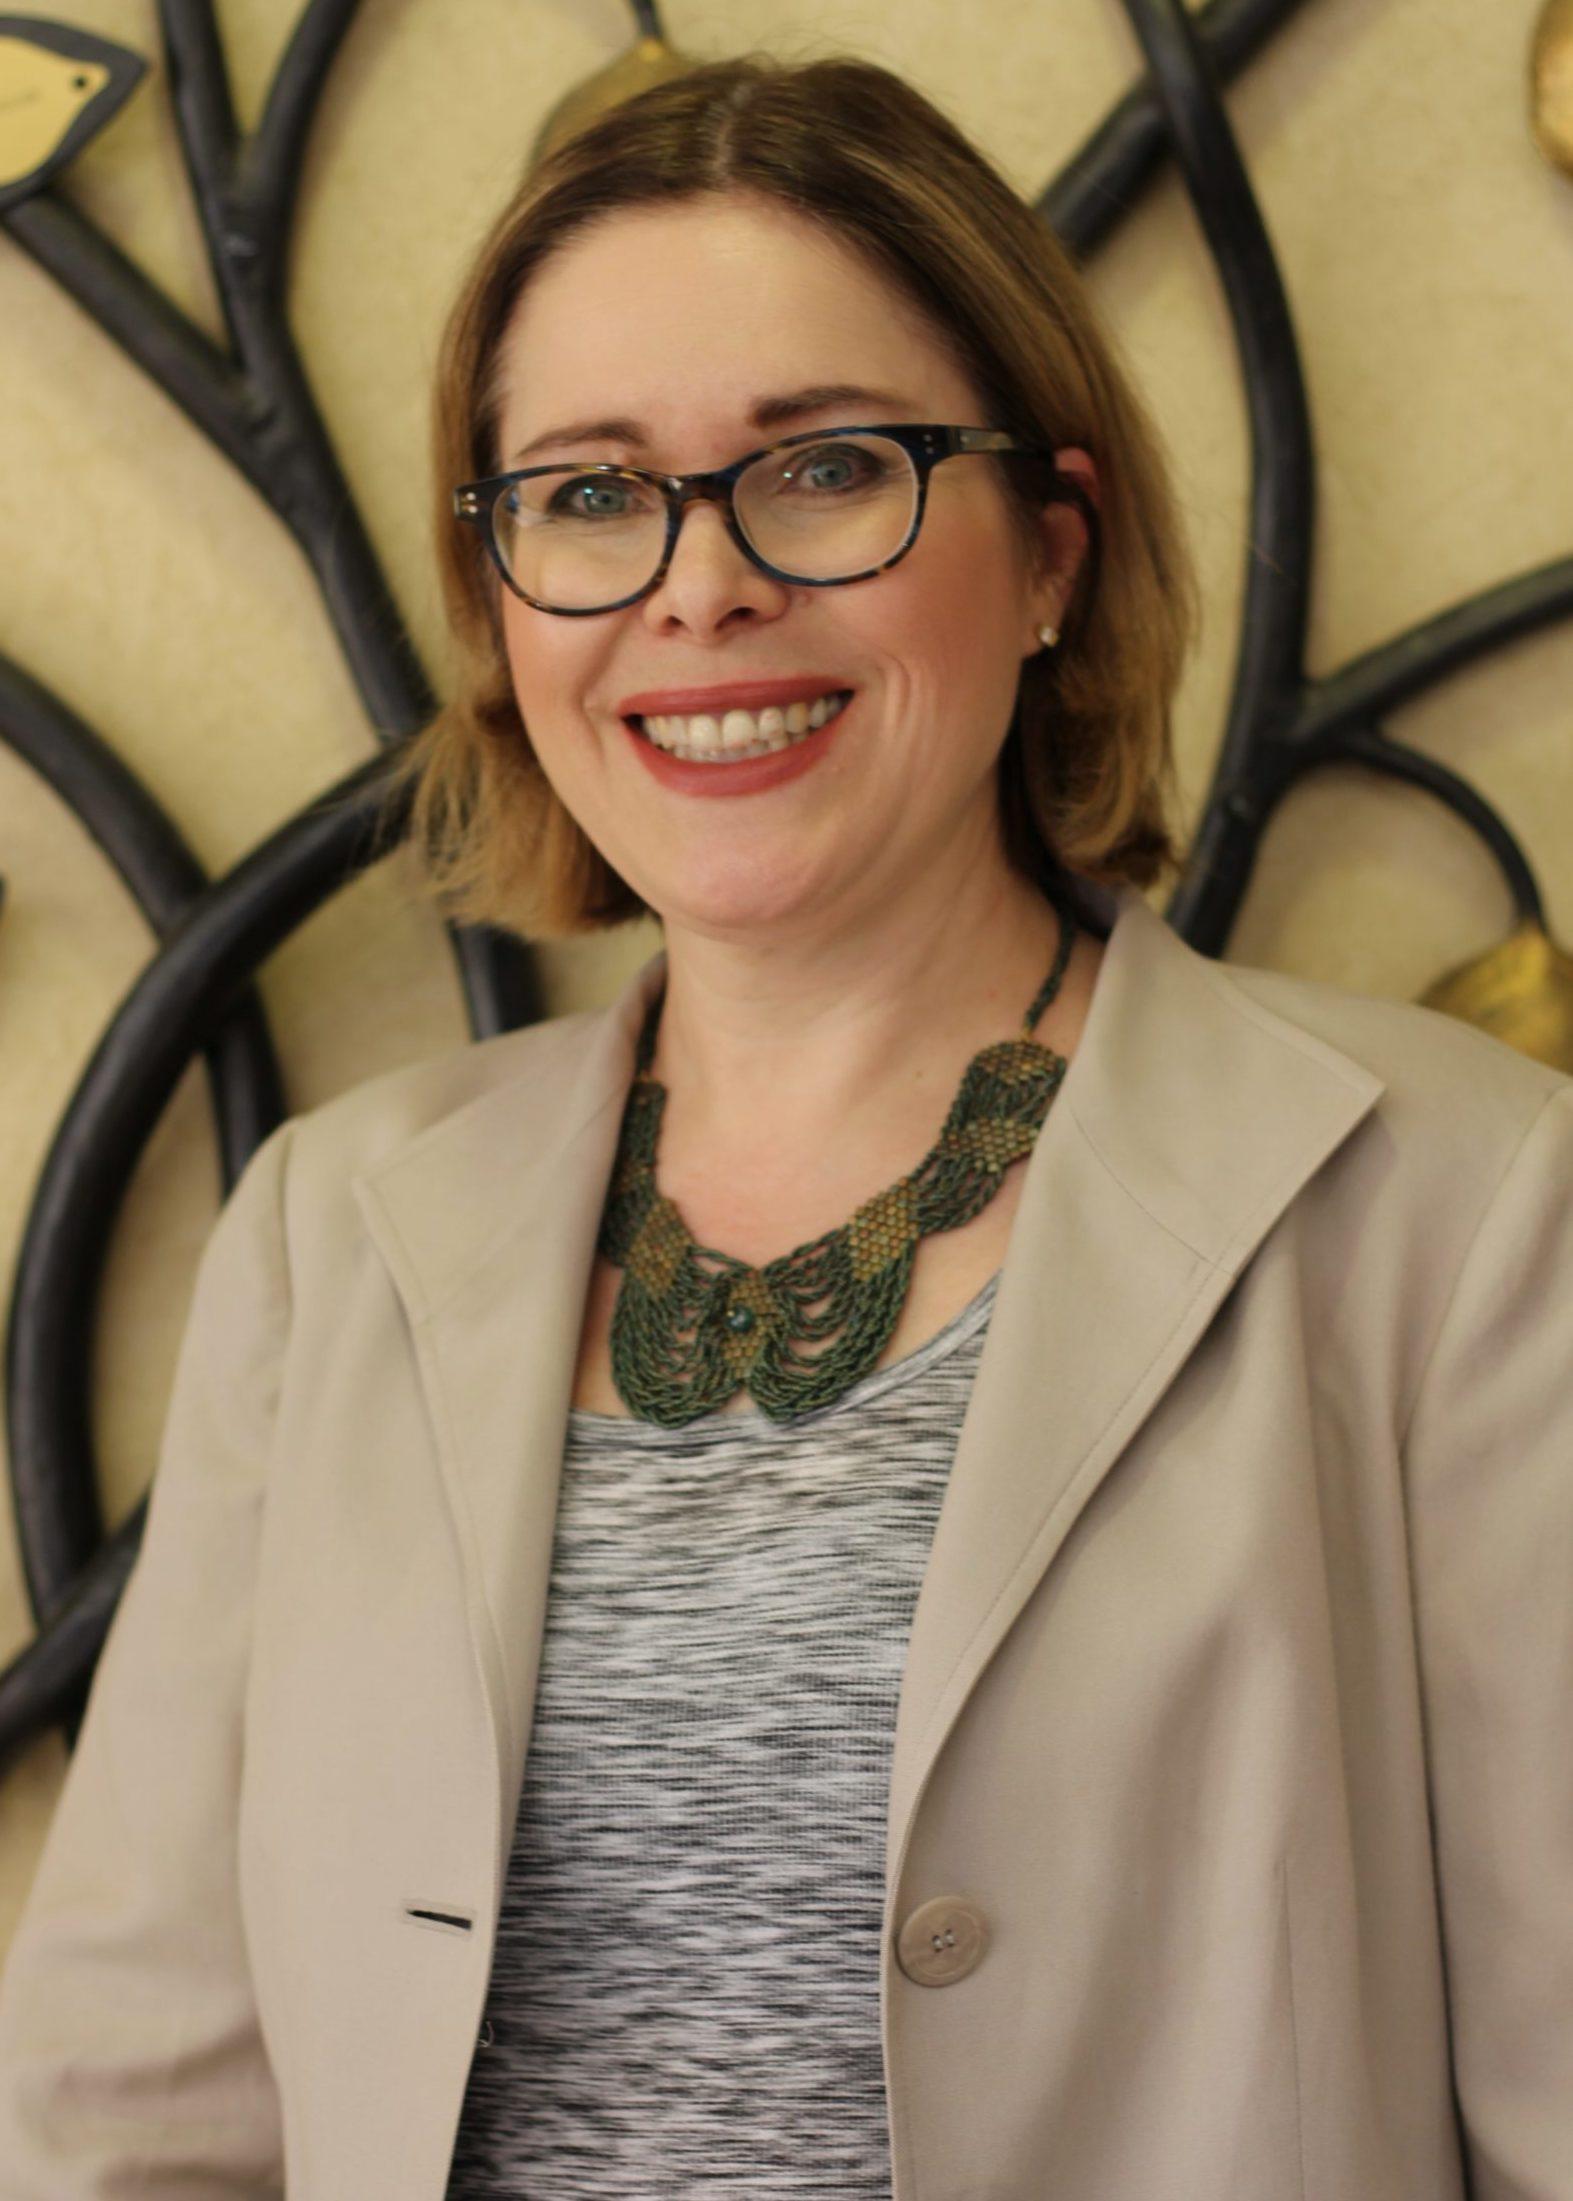 Brenda Zuniga